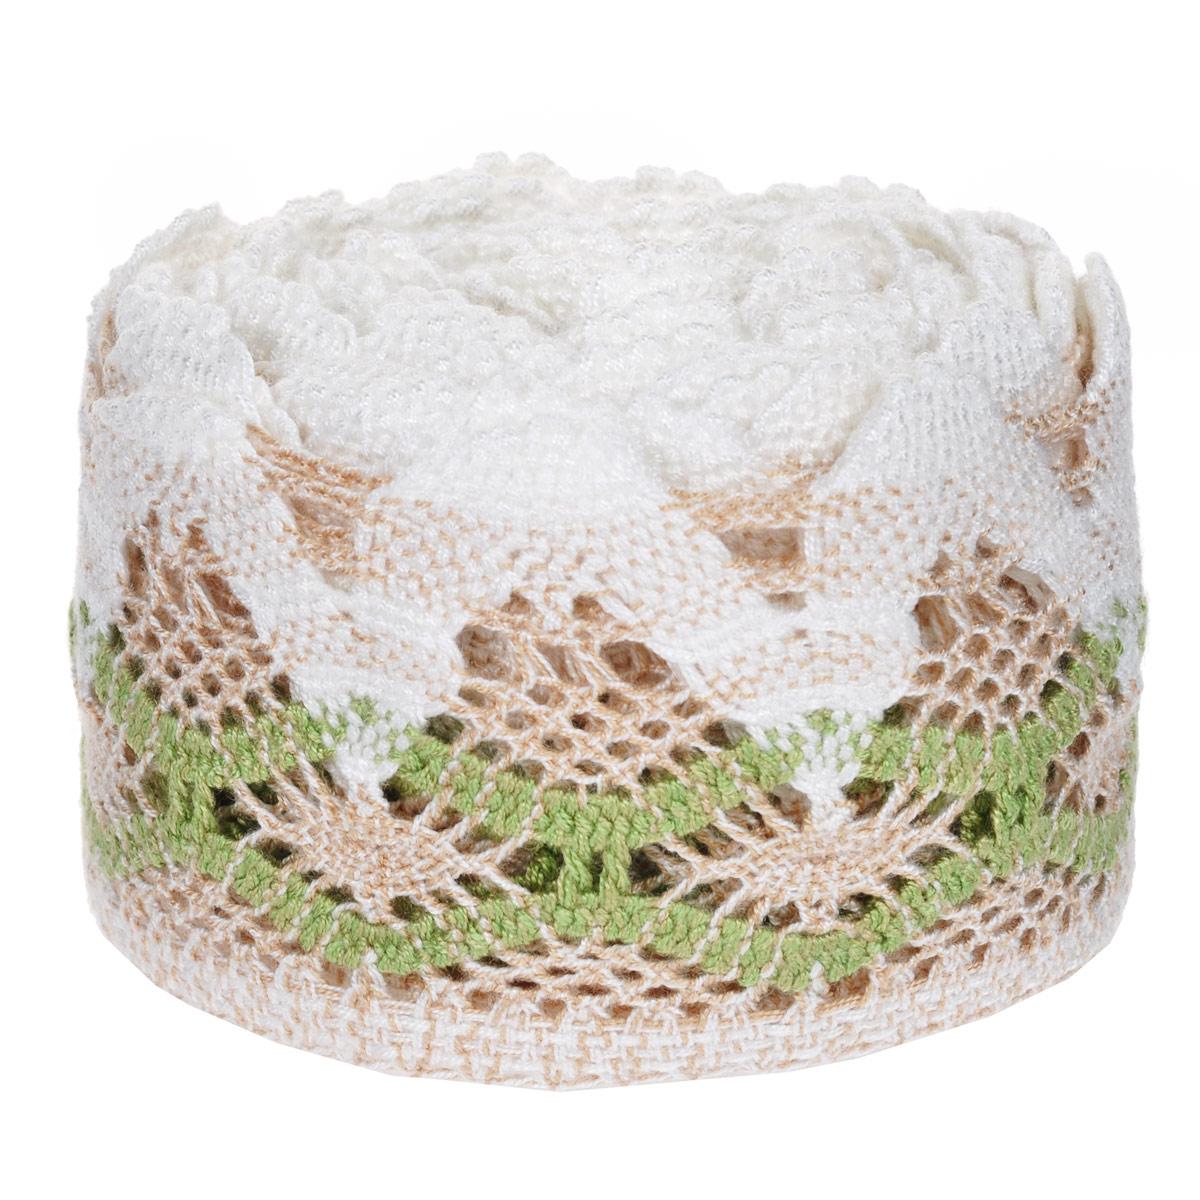 Тесьма вязаная Schaefer, ажурная, цвет: белый, коричневый, зеленый, 5 м х 9 см. 2110032721100327Ажурная вязаная тесьма Schaefer - имитация ручного вязания крючком. Она изготовлена из высококачественного полиакрила. Благодаря классическому дизайну тесьмы вы можете использовать ее и в одежде и текстильных изделиях для дома.